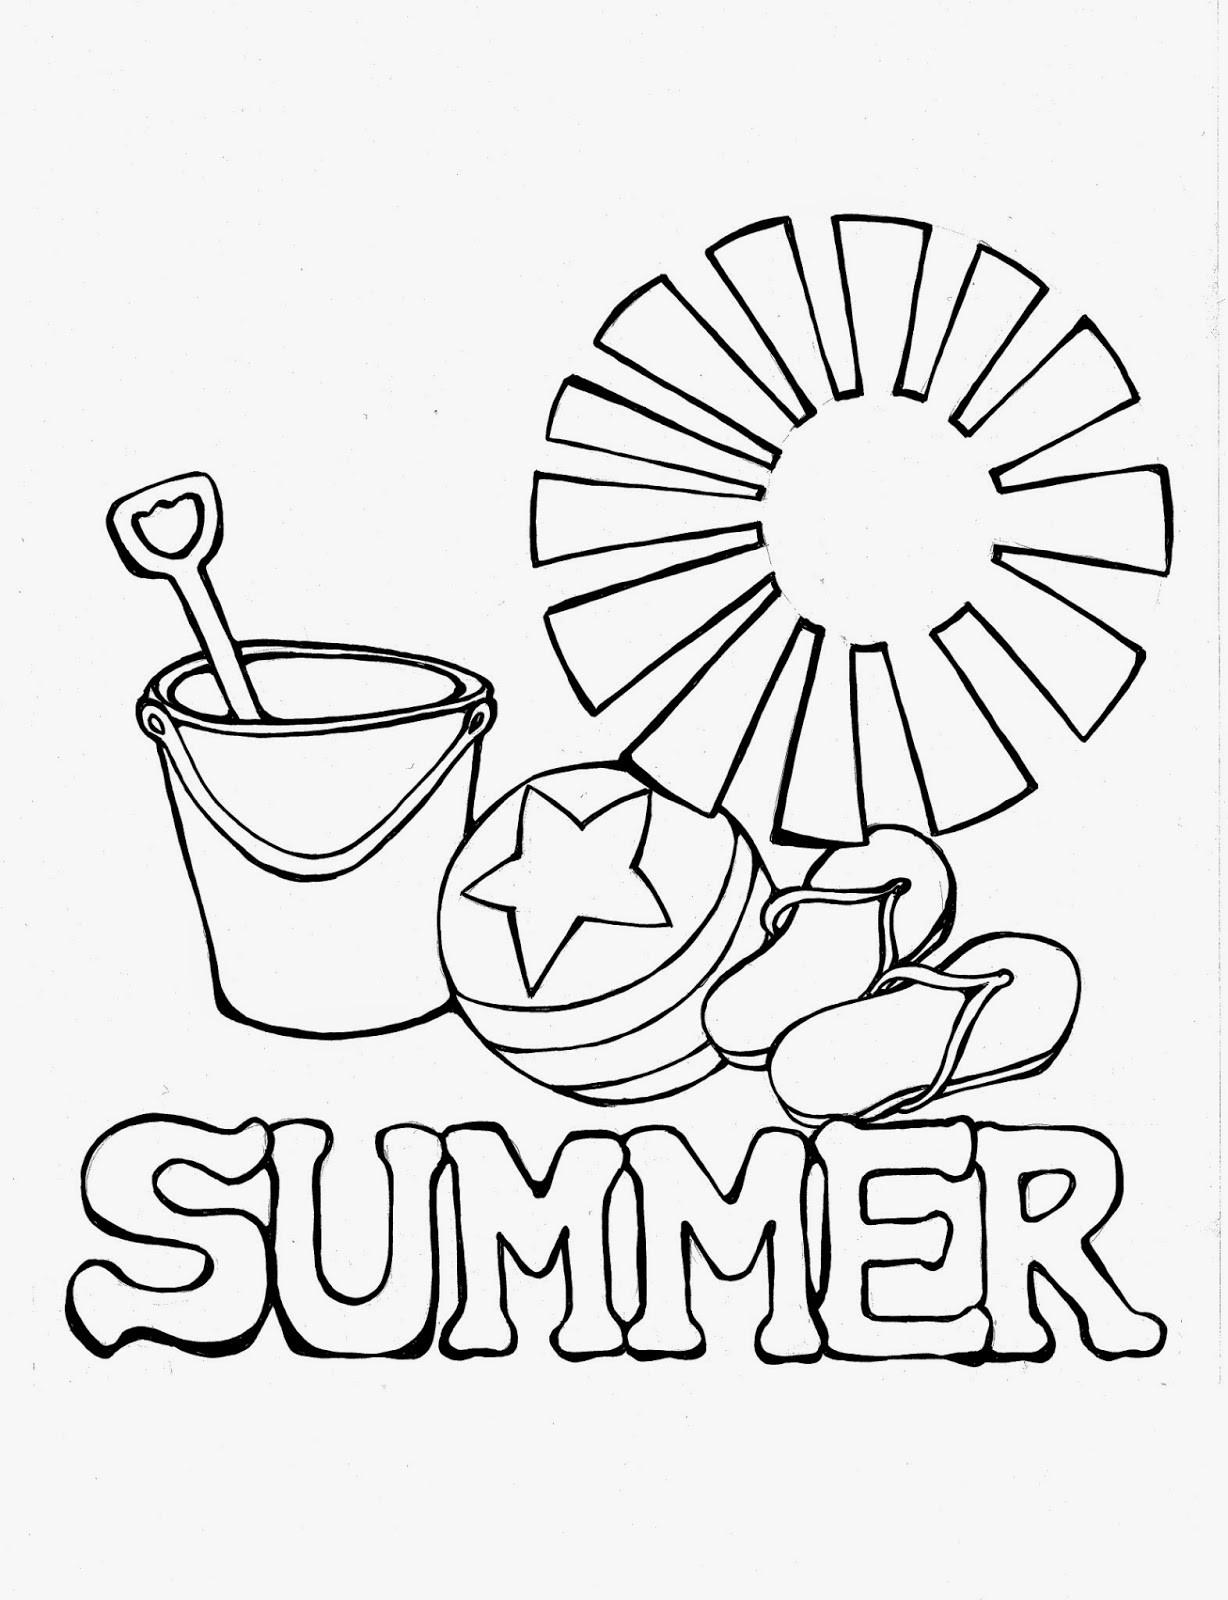 Summer Coloring Sheet